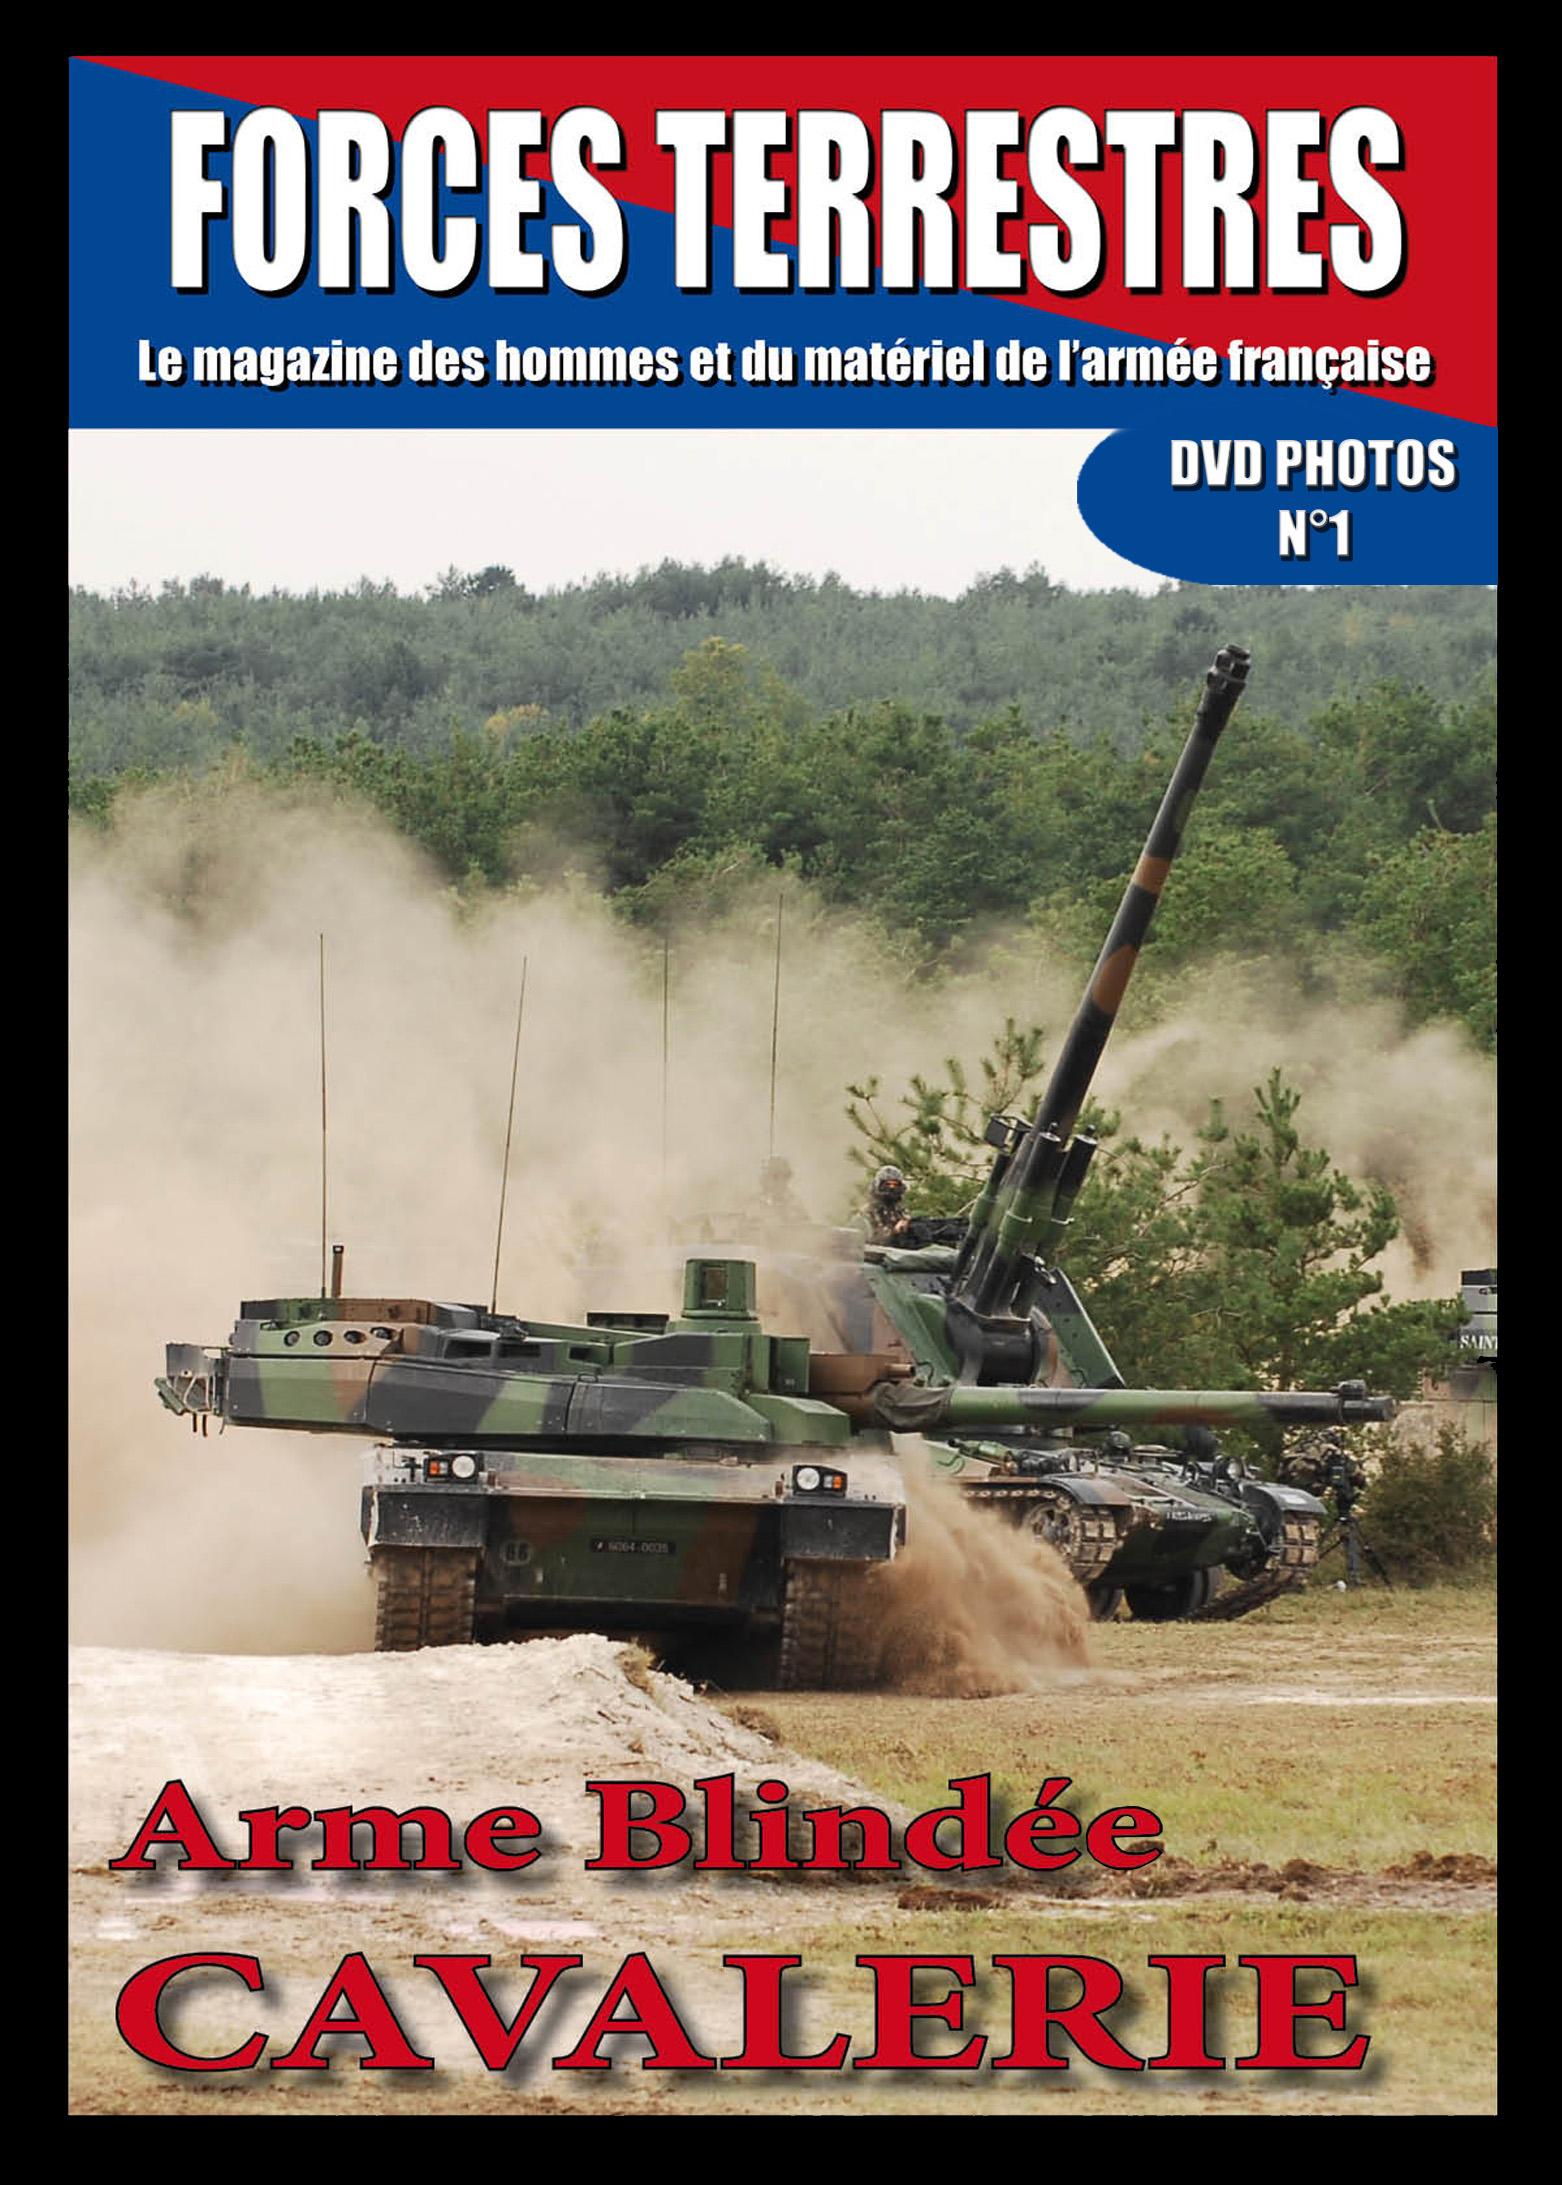 DVD  N°1 Cavalerie